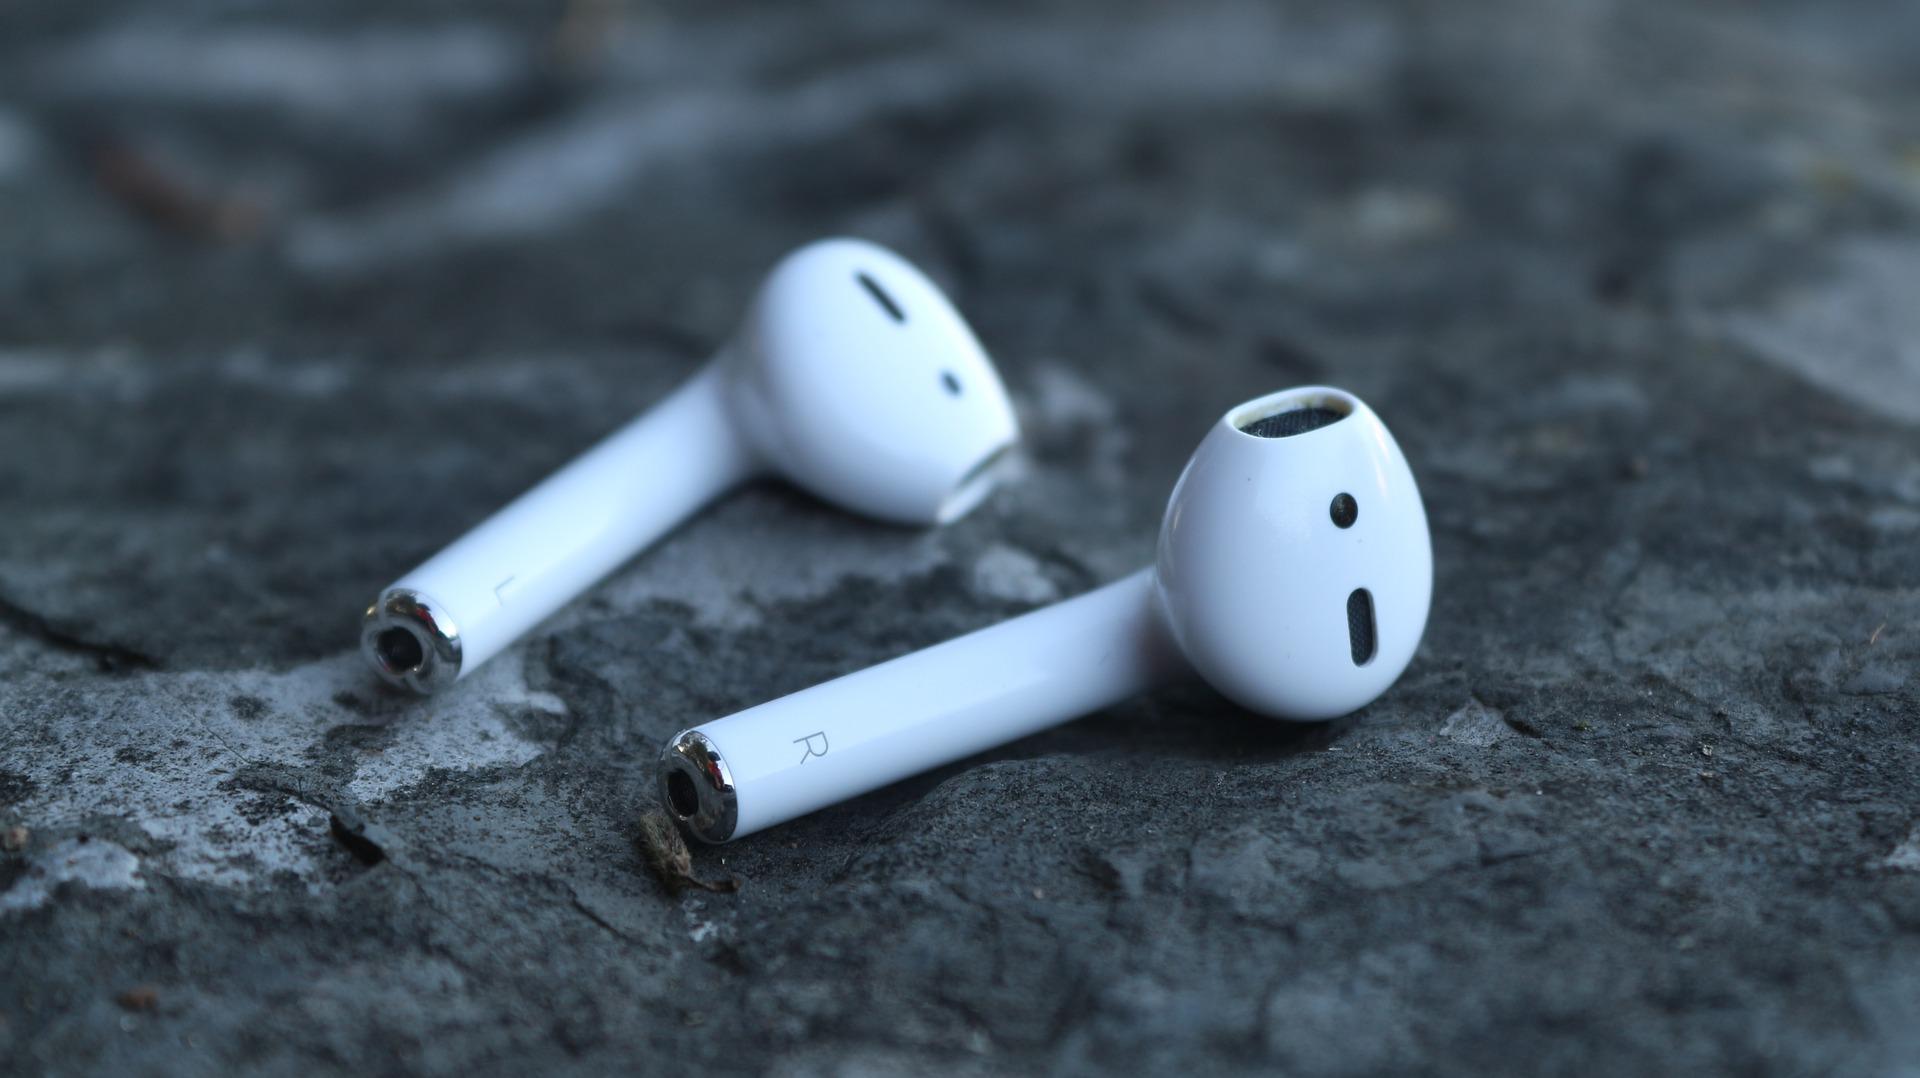 AirPods d'Apple, les écouteurs sur mesure pour les sportifs réunionnais